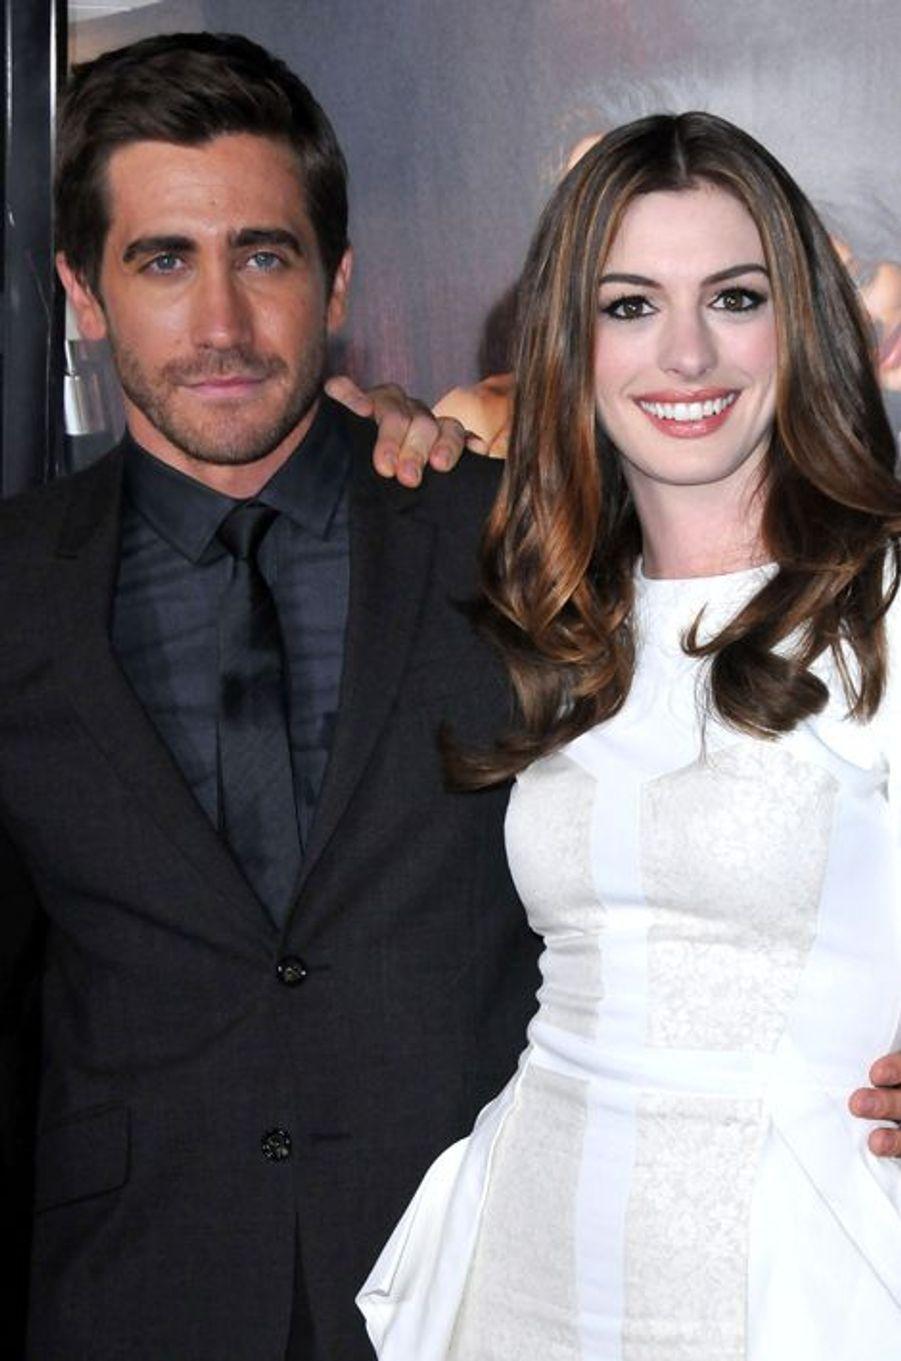 Déjà réunis en 2005 dans «Le Secret de Brokeback Mountain», le petit frère de Maggie Gyllenhaal et la star révélée dans «Le diable s'habille en Prada» se sont retrouvés cinq ans plus tard dans «Love, et autres drogues». Une deuxième collaboration qui a soudé leur amitié. «Anne a fait ce film pour une seule et unique raison : elle voulait coucher avec moi. Et je ne peux vraiment pas la blâmer. J'étais l'énième acteur à qui on offrait le rôle et personne ne voulait tourner nu avec Anne. Mais comme j'avais besoin de ce job, j'ai eu pitié d'elle et j'y suis allé», déclarait Jake sur le ton de la plaisanterie au site «Sky News» à l'époque.